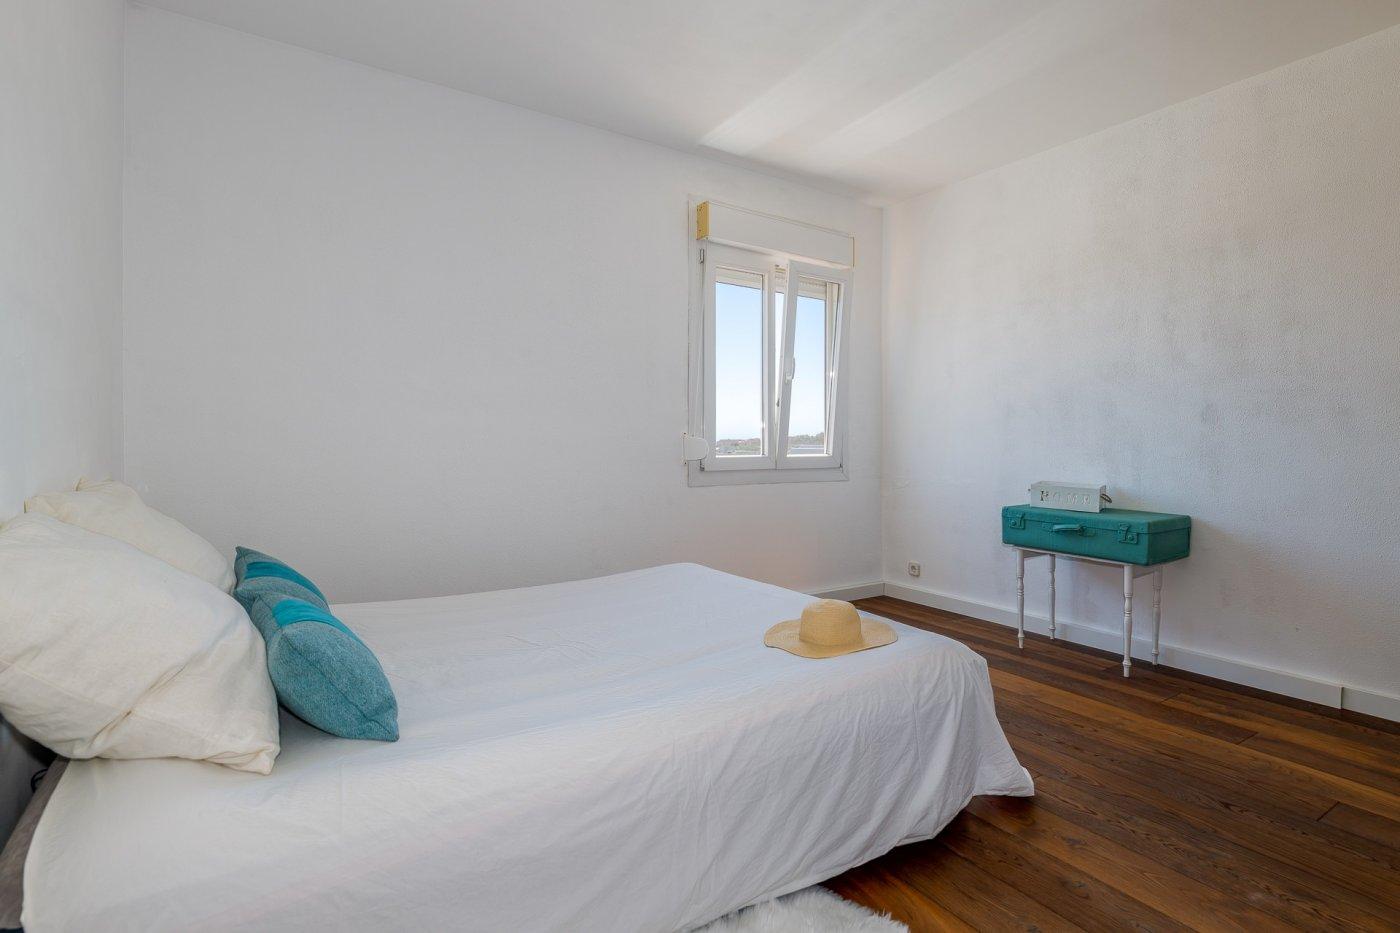 Coqueto apartamento cerca de porto pi, palma - imagenInmueble11